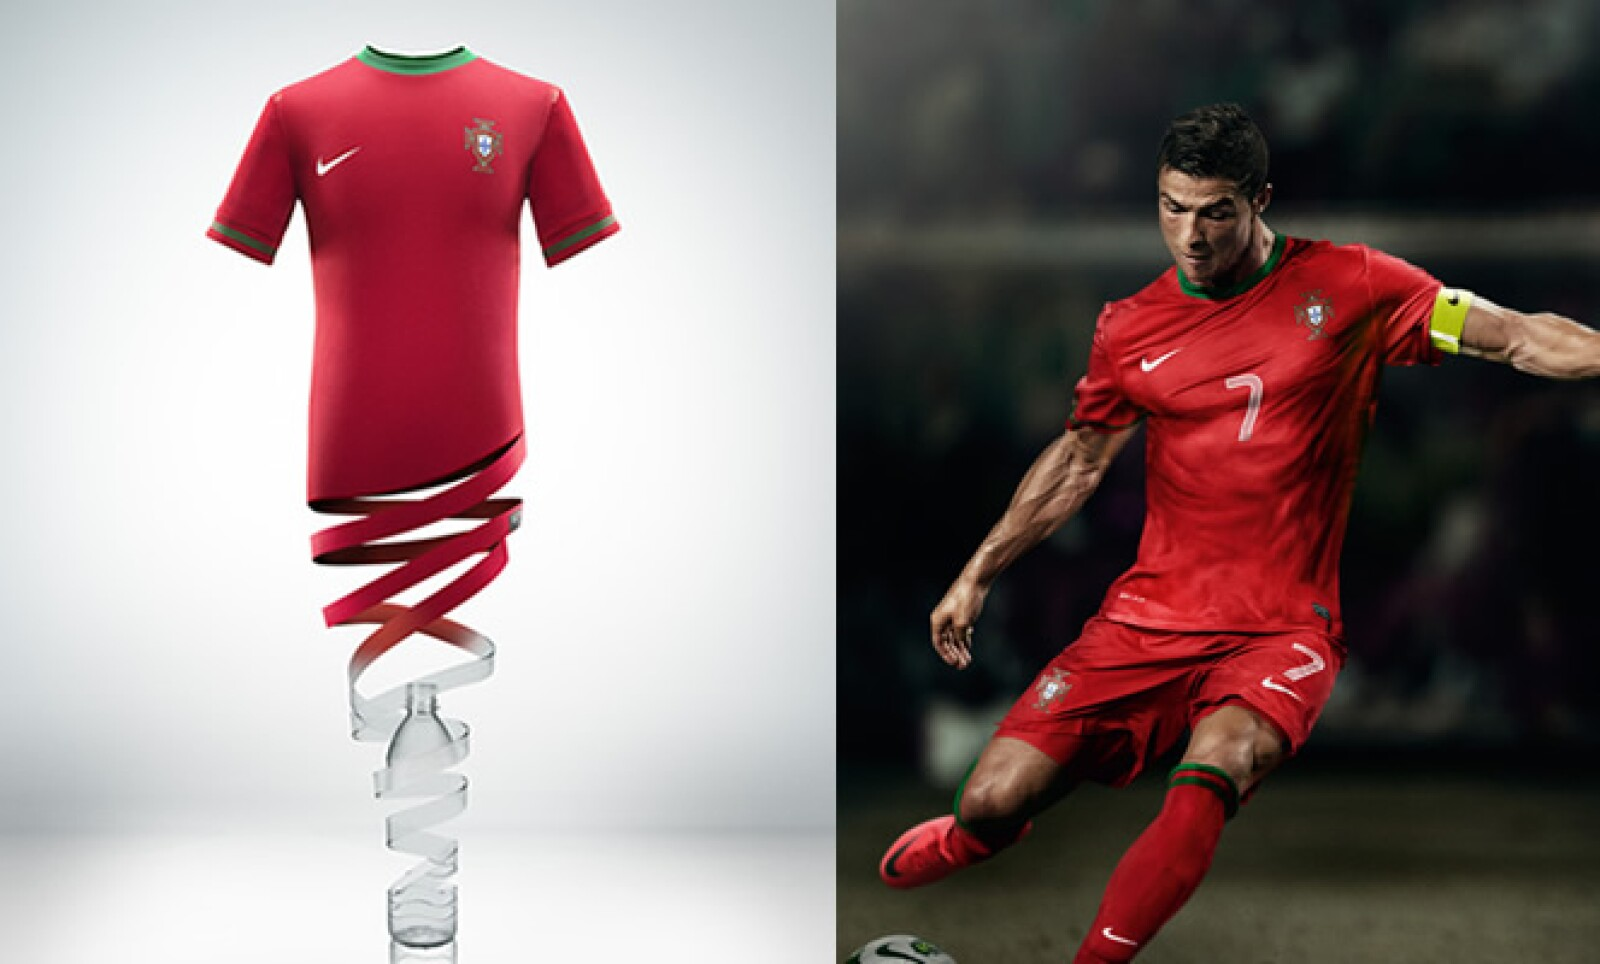 Las camiseta de juego se fabrican con un 96% de poliéster, proveniente de 13 botellas de plástico reciclado.